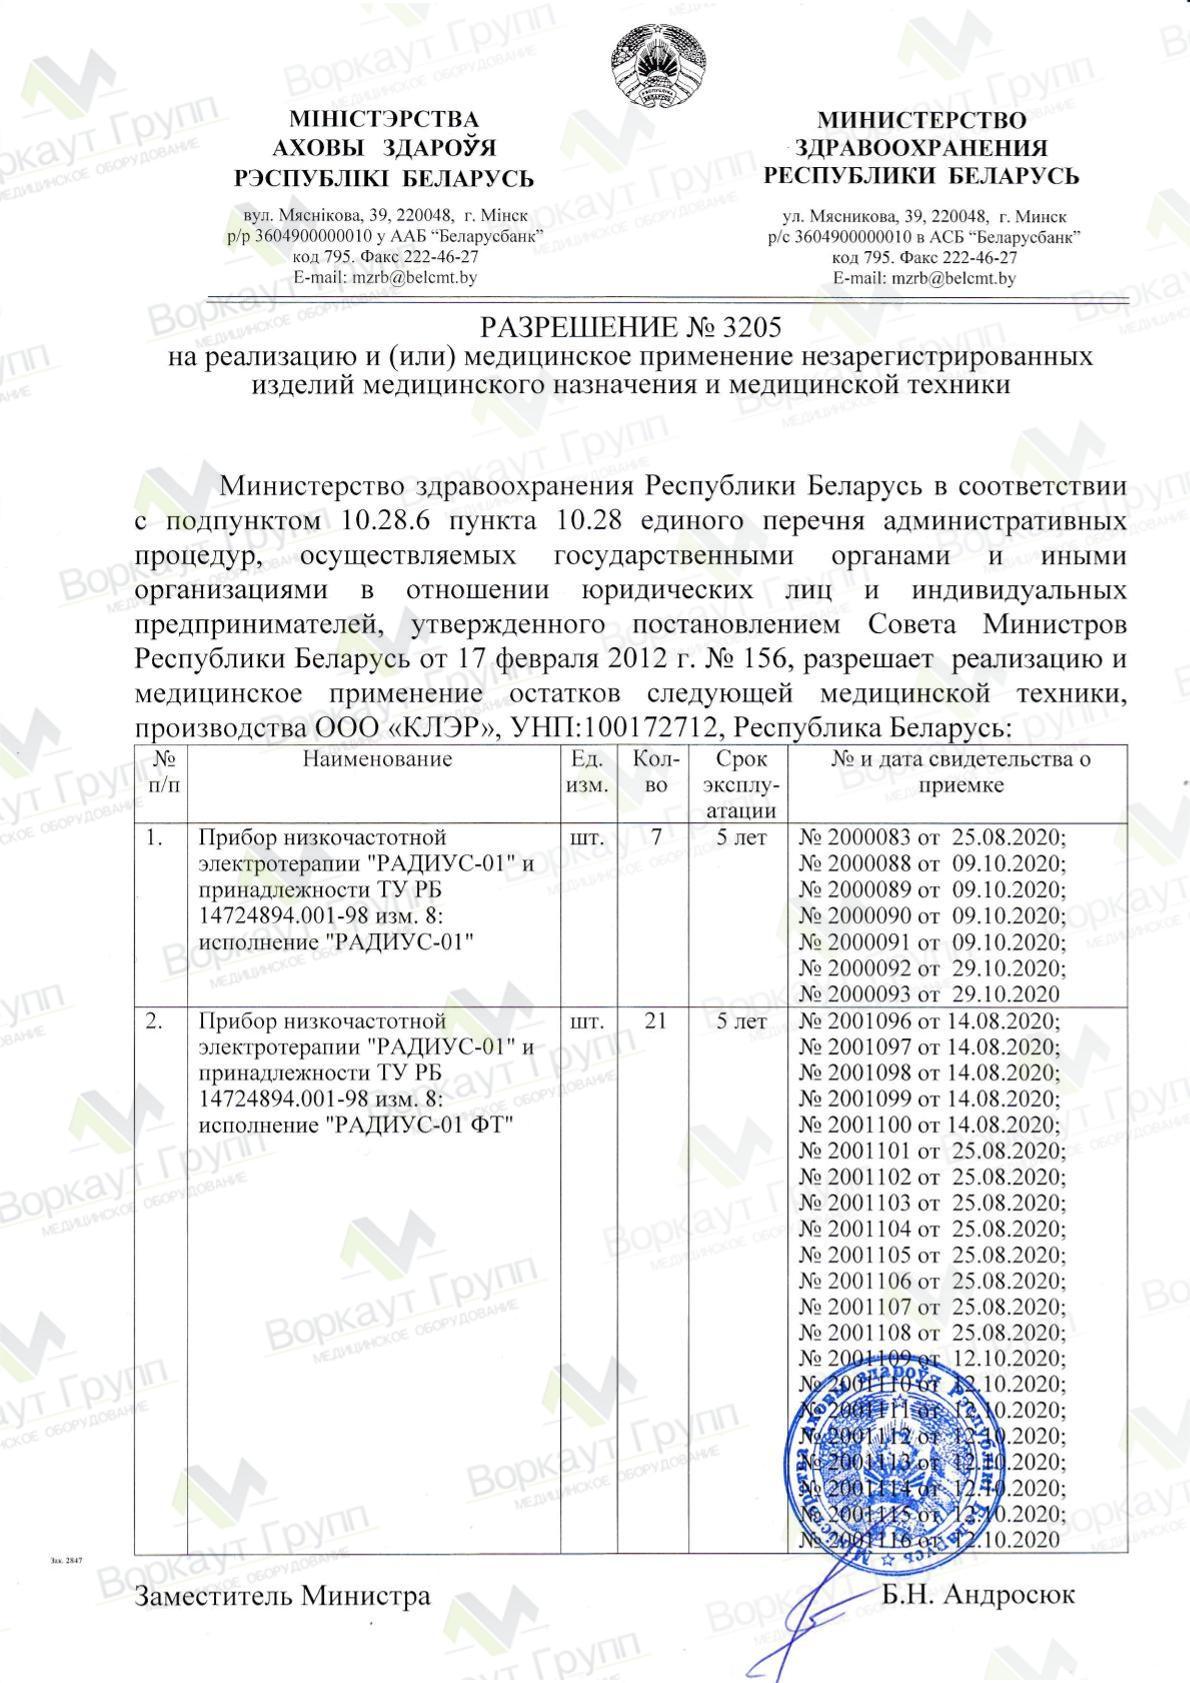 Разрешение №3205 на реализацию и применение незарегистрированной медицинской техники или изделий